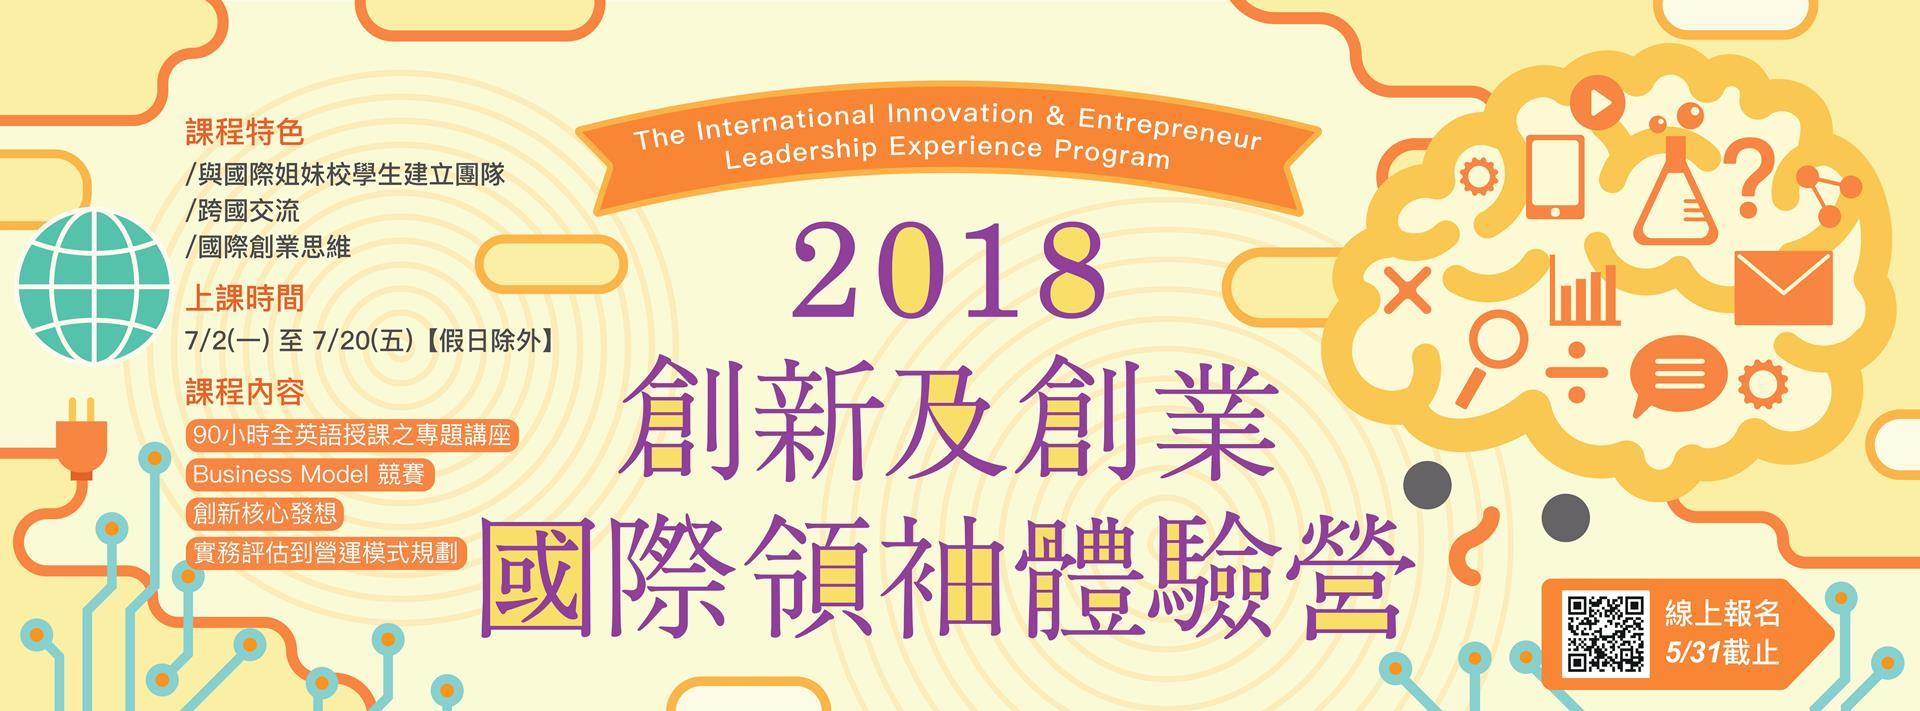 2018創新創業國際領袖營